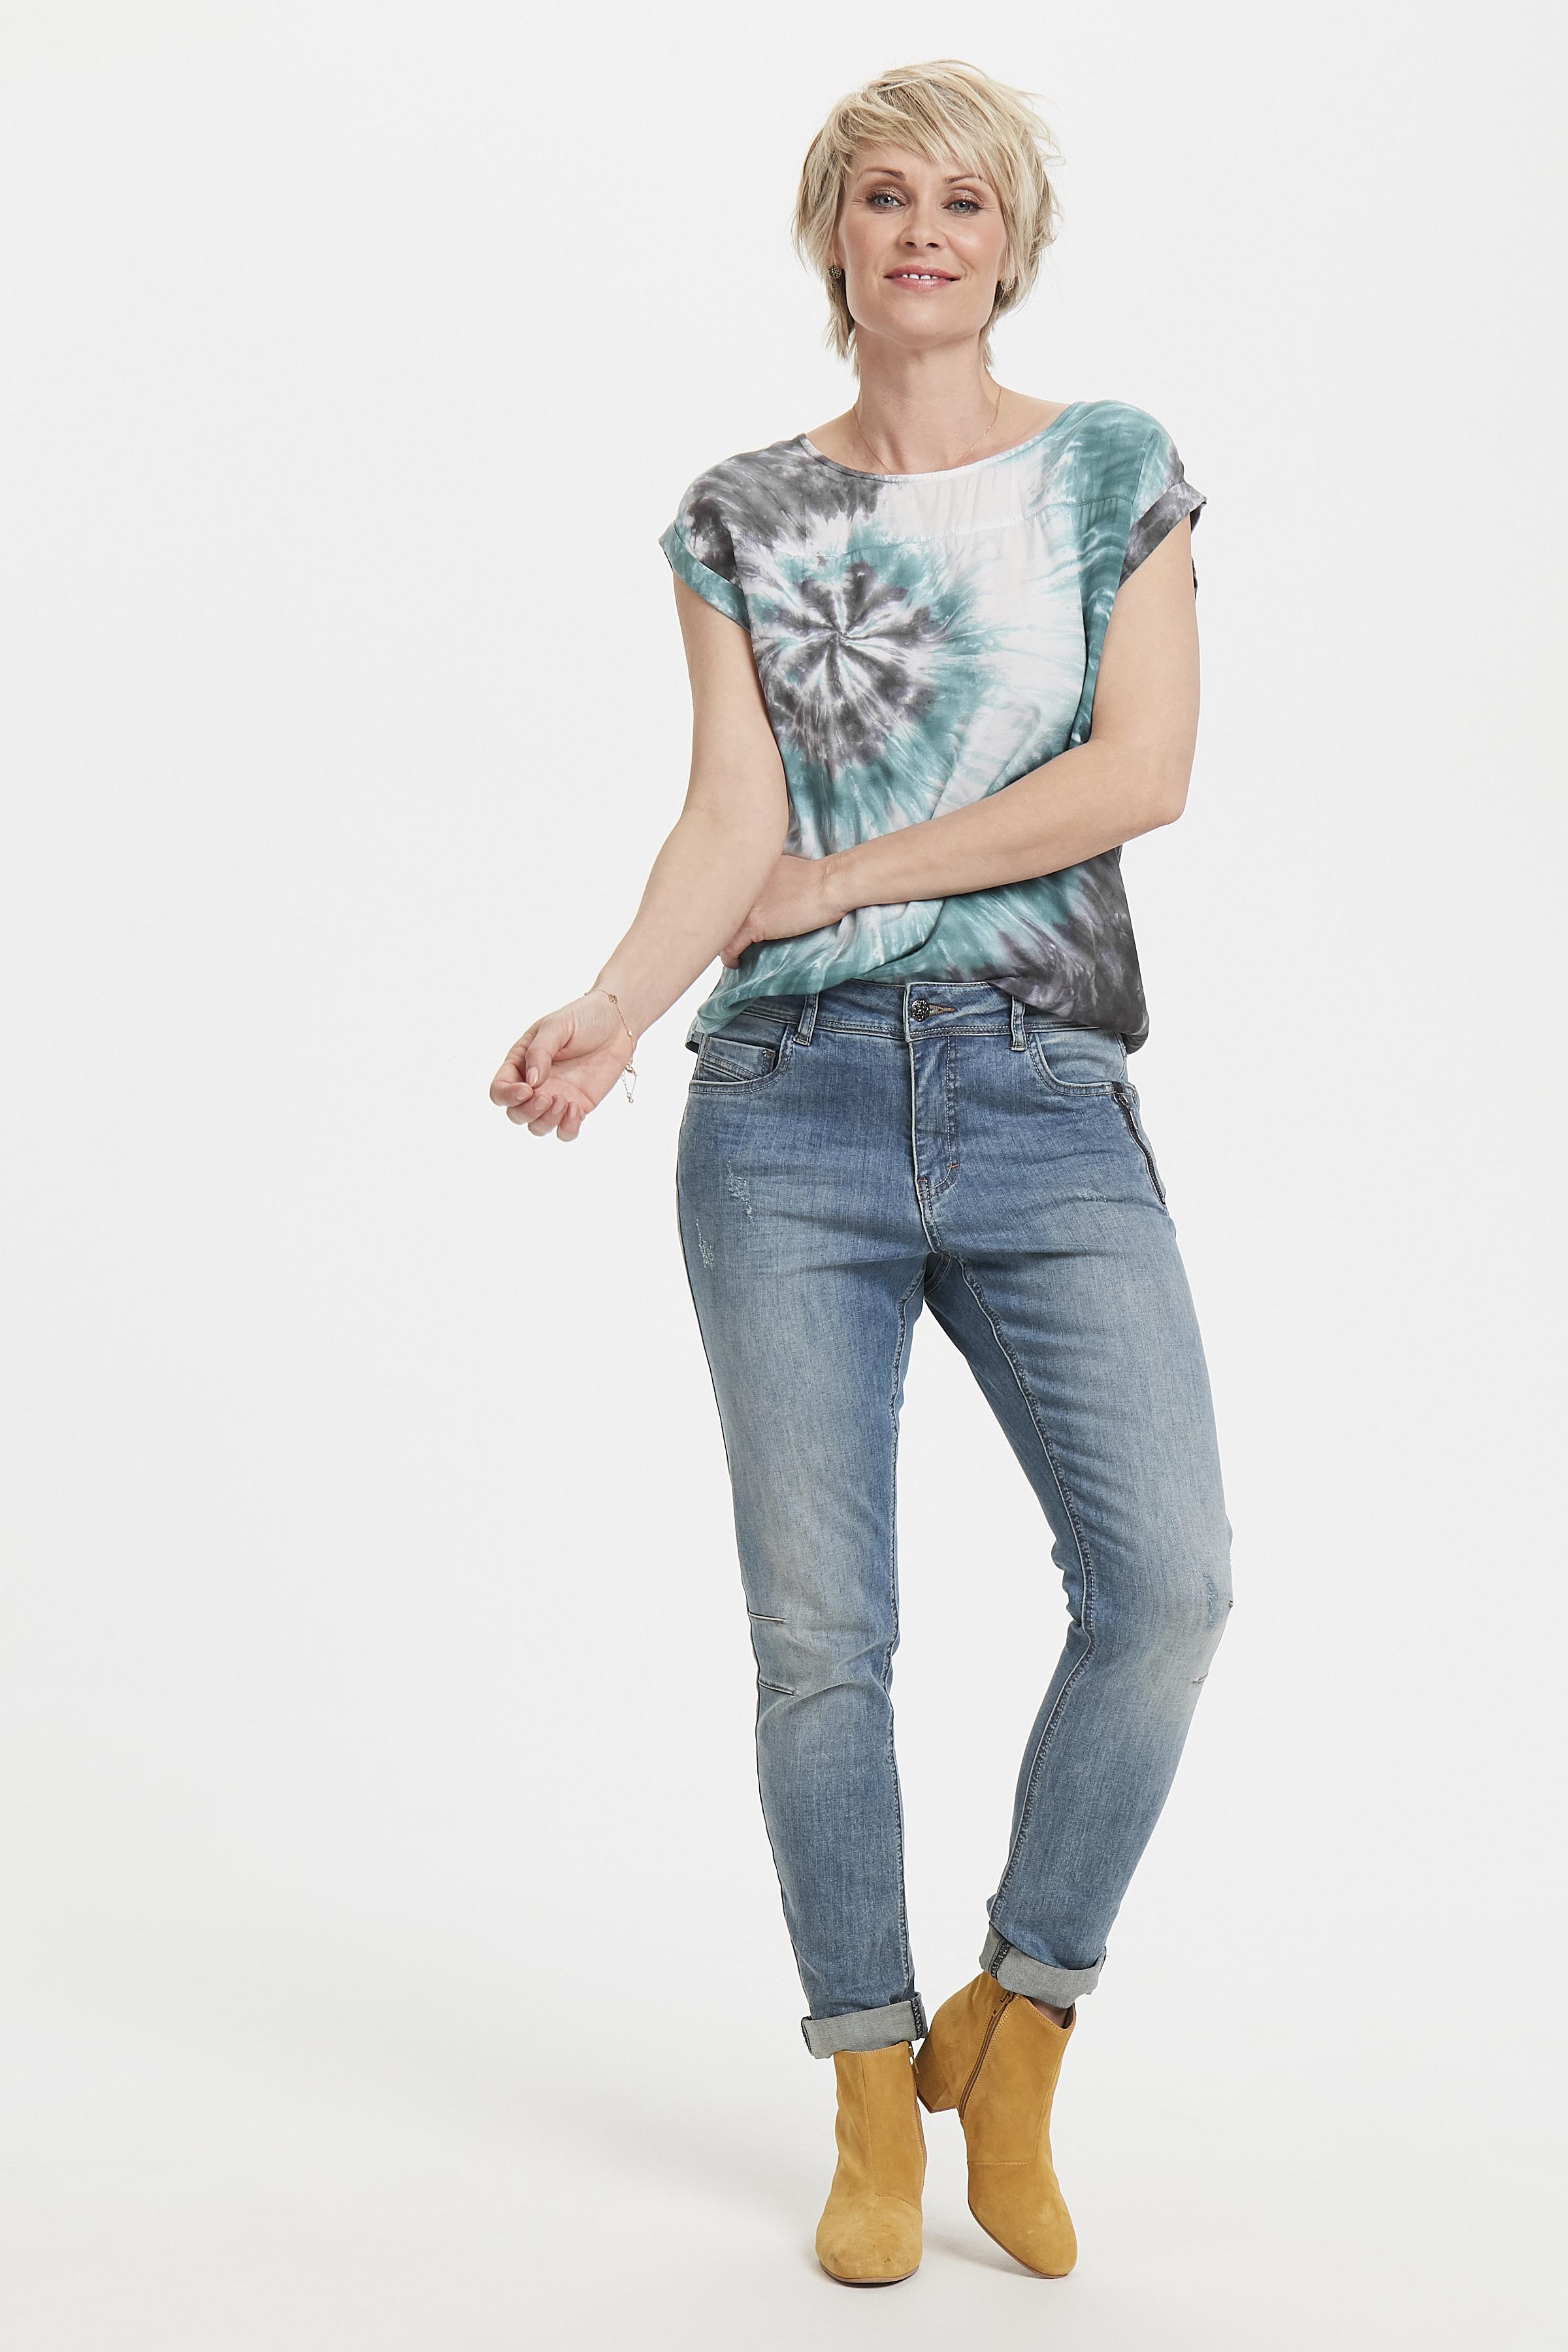 Staubblau/dunkelgrau Kurzarm-Bluse  von Bon'A Parte – Shoppen Sie Staubblau/dunkelgrau Kurzarm-Bluse  ab Gr. S-2XL hier